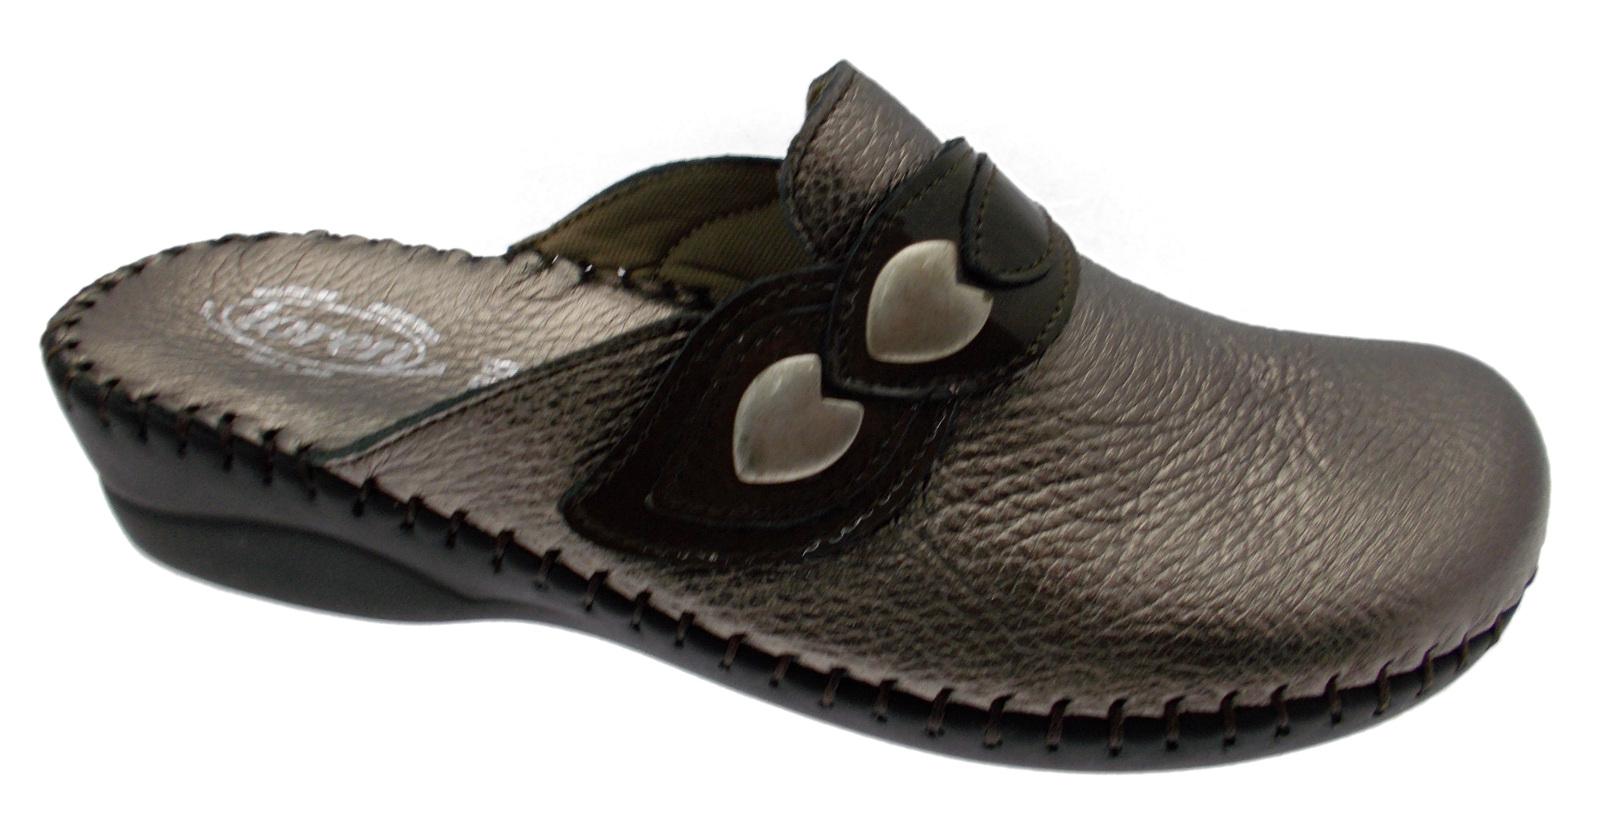 Sandali Importa semplice 116415 Inello - Importa Sandali - Scarpe 6a66d4